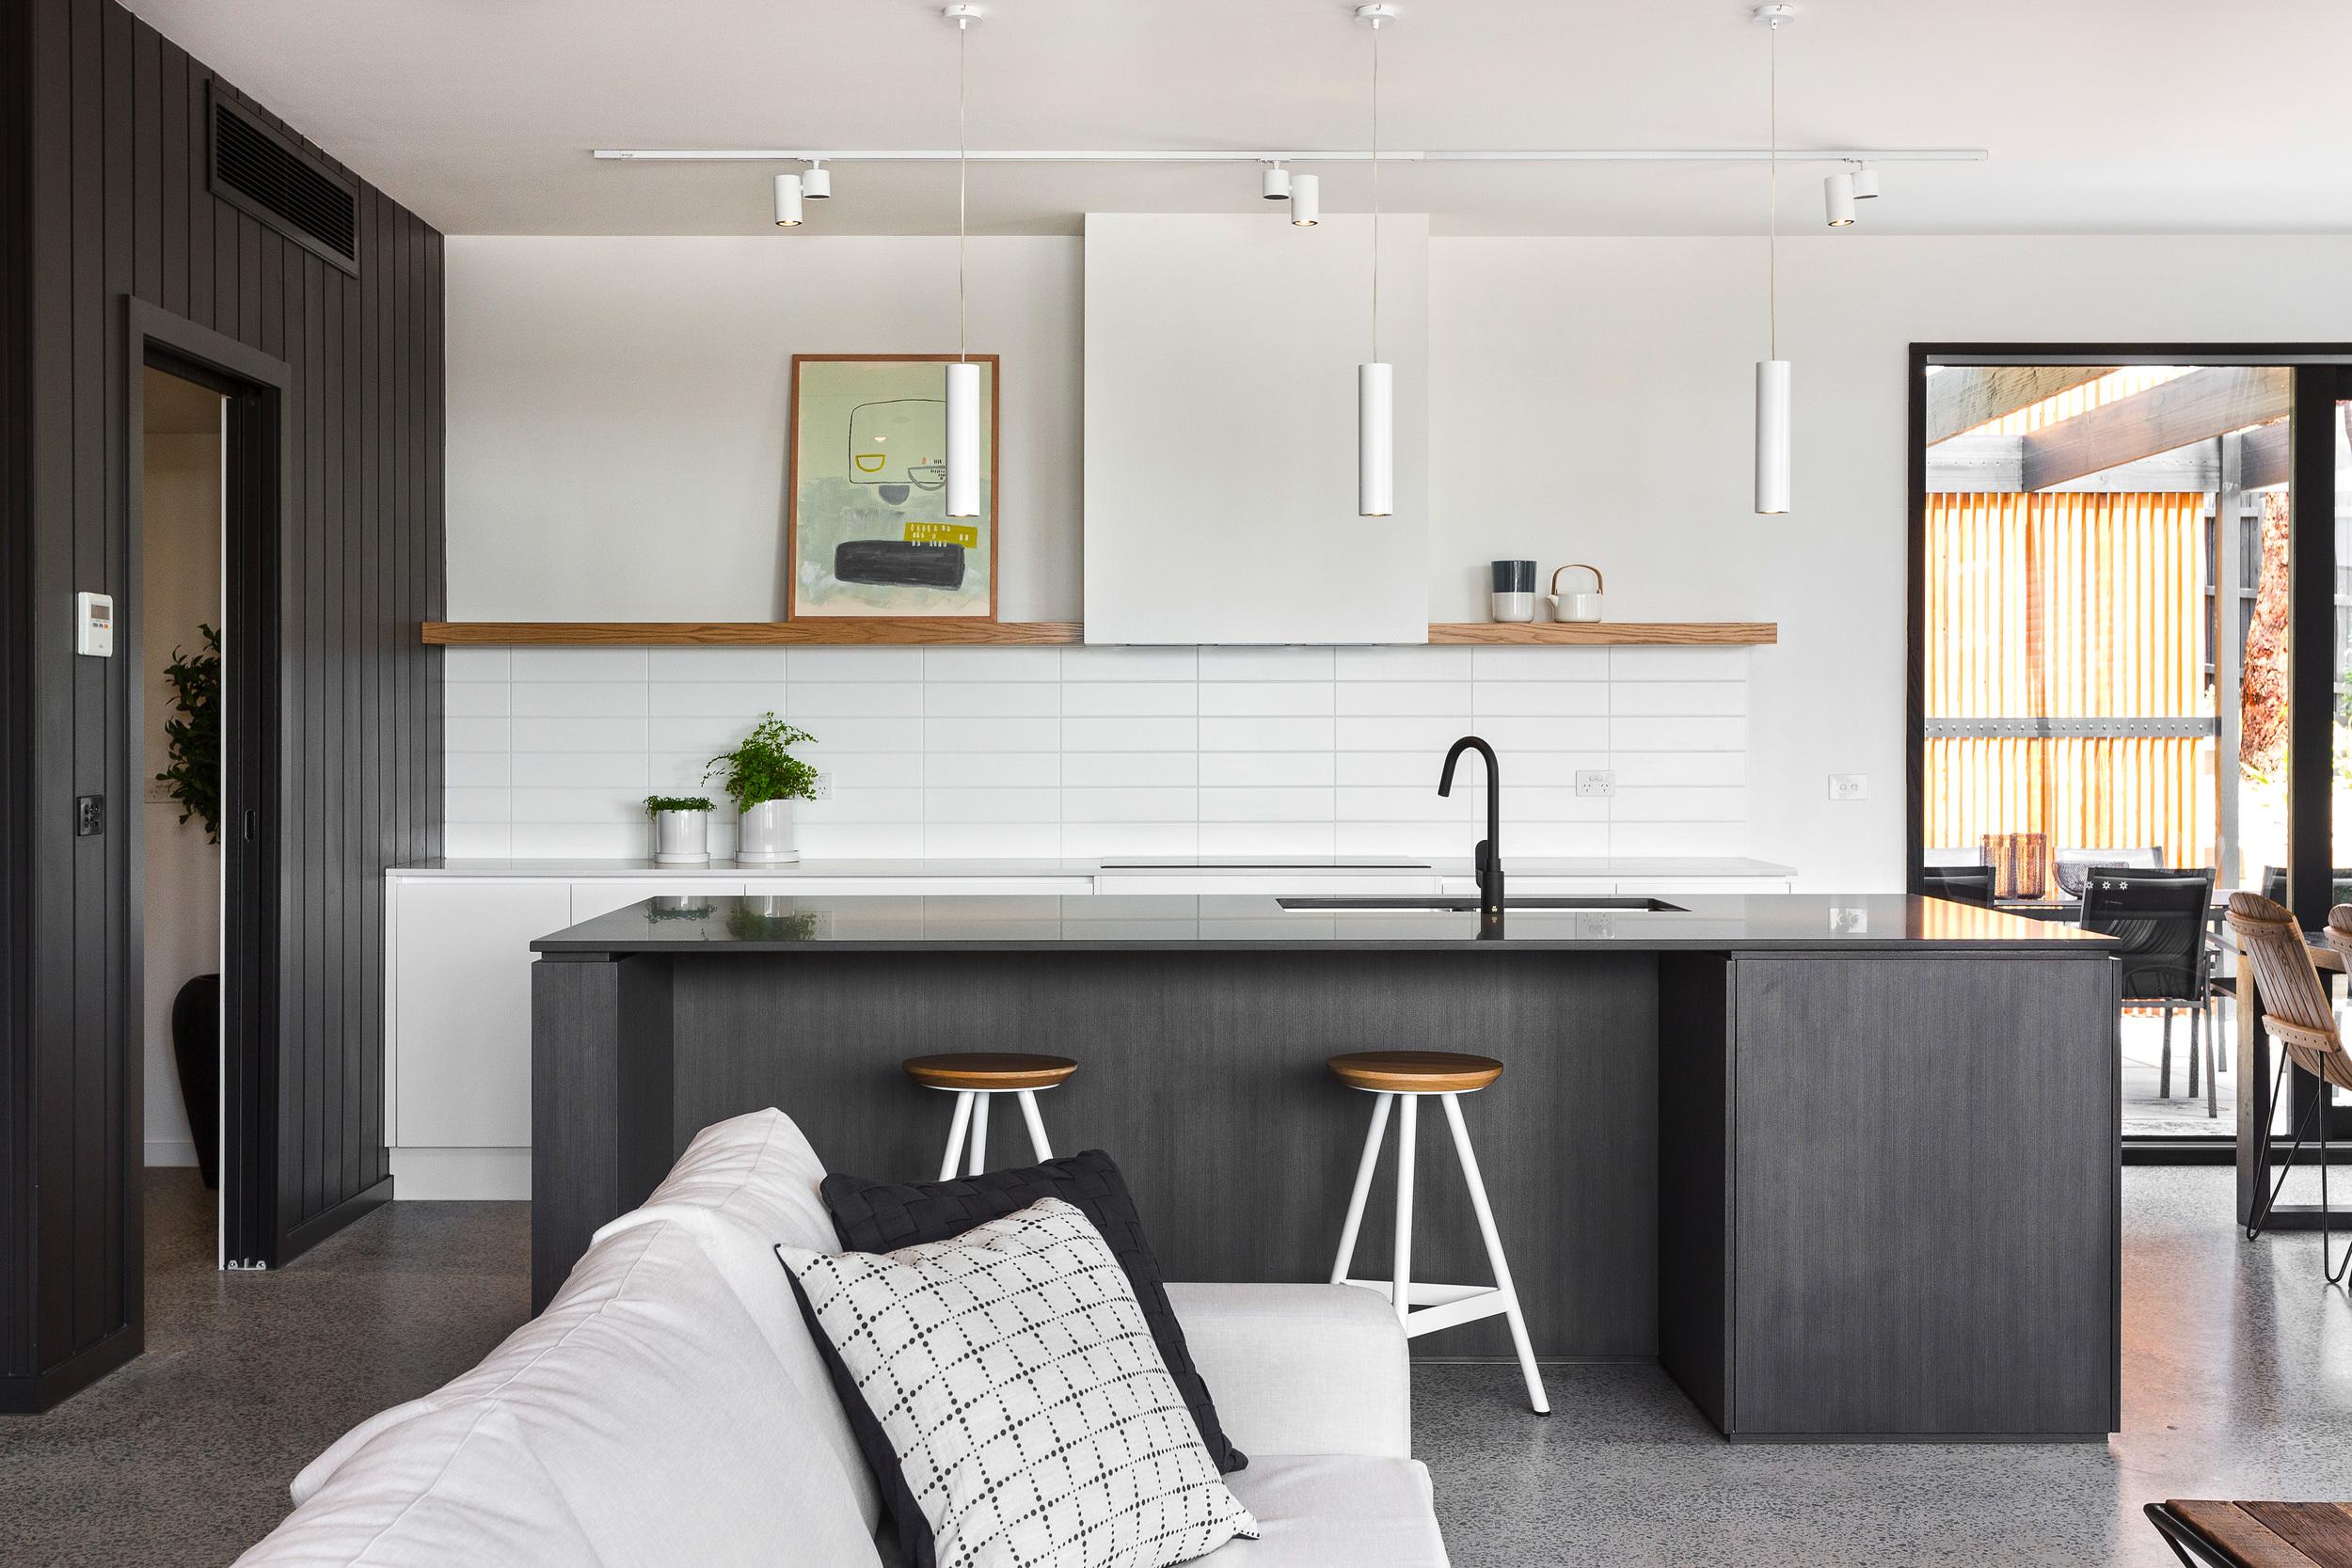 Kitchen_mg_4347.jpg